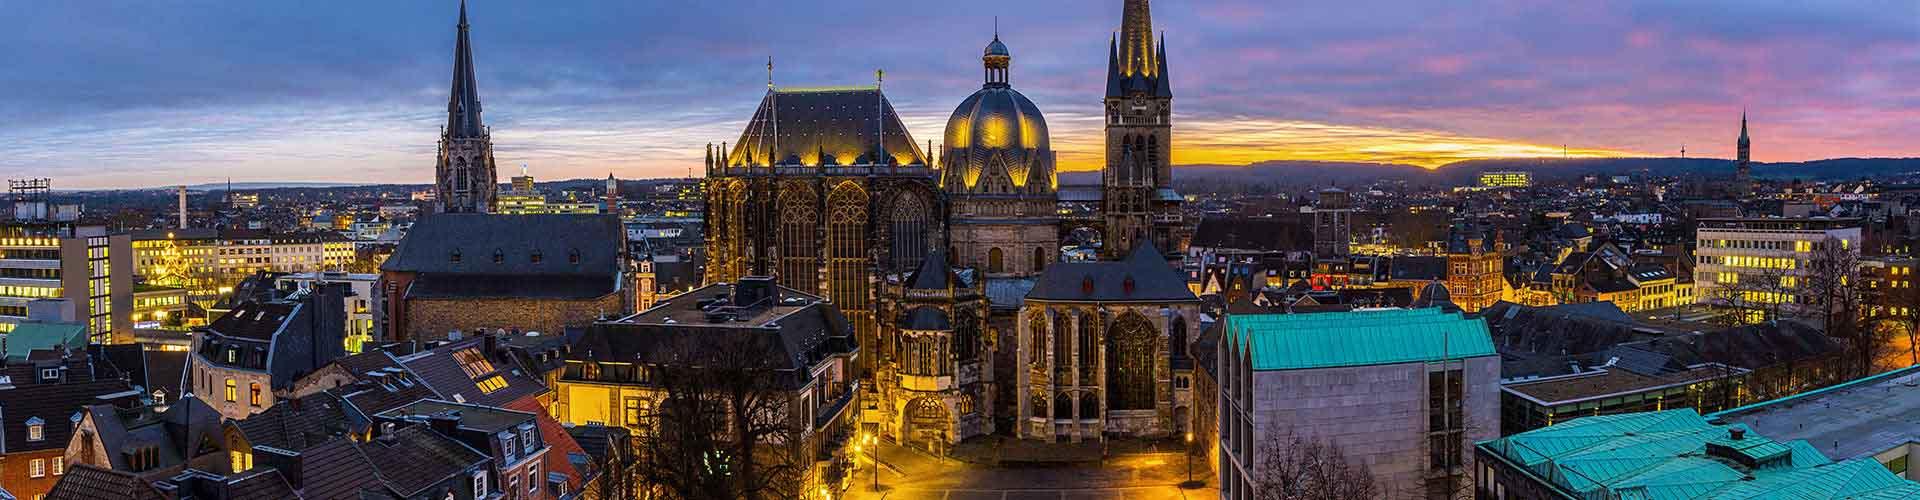 Aachen – Albergues em Aachen. Mapas para Aachen, Fotos e Avaliações para cada Albergue em Aachen.